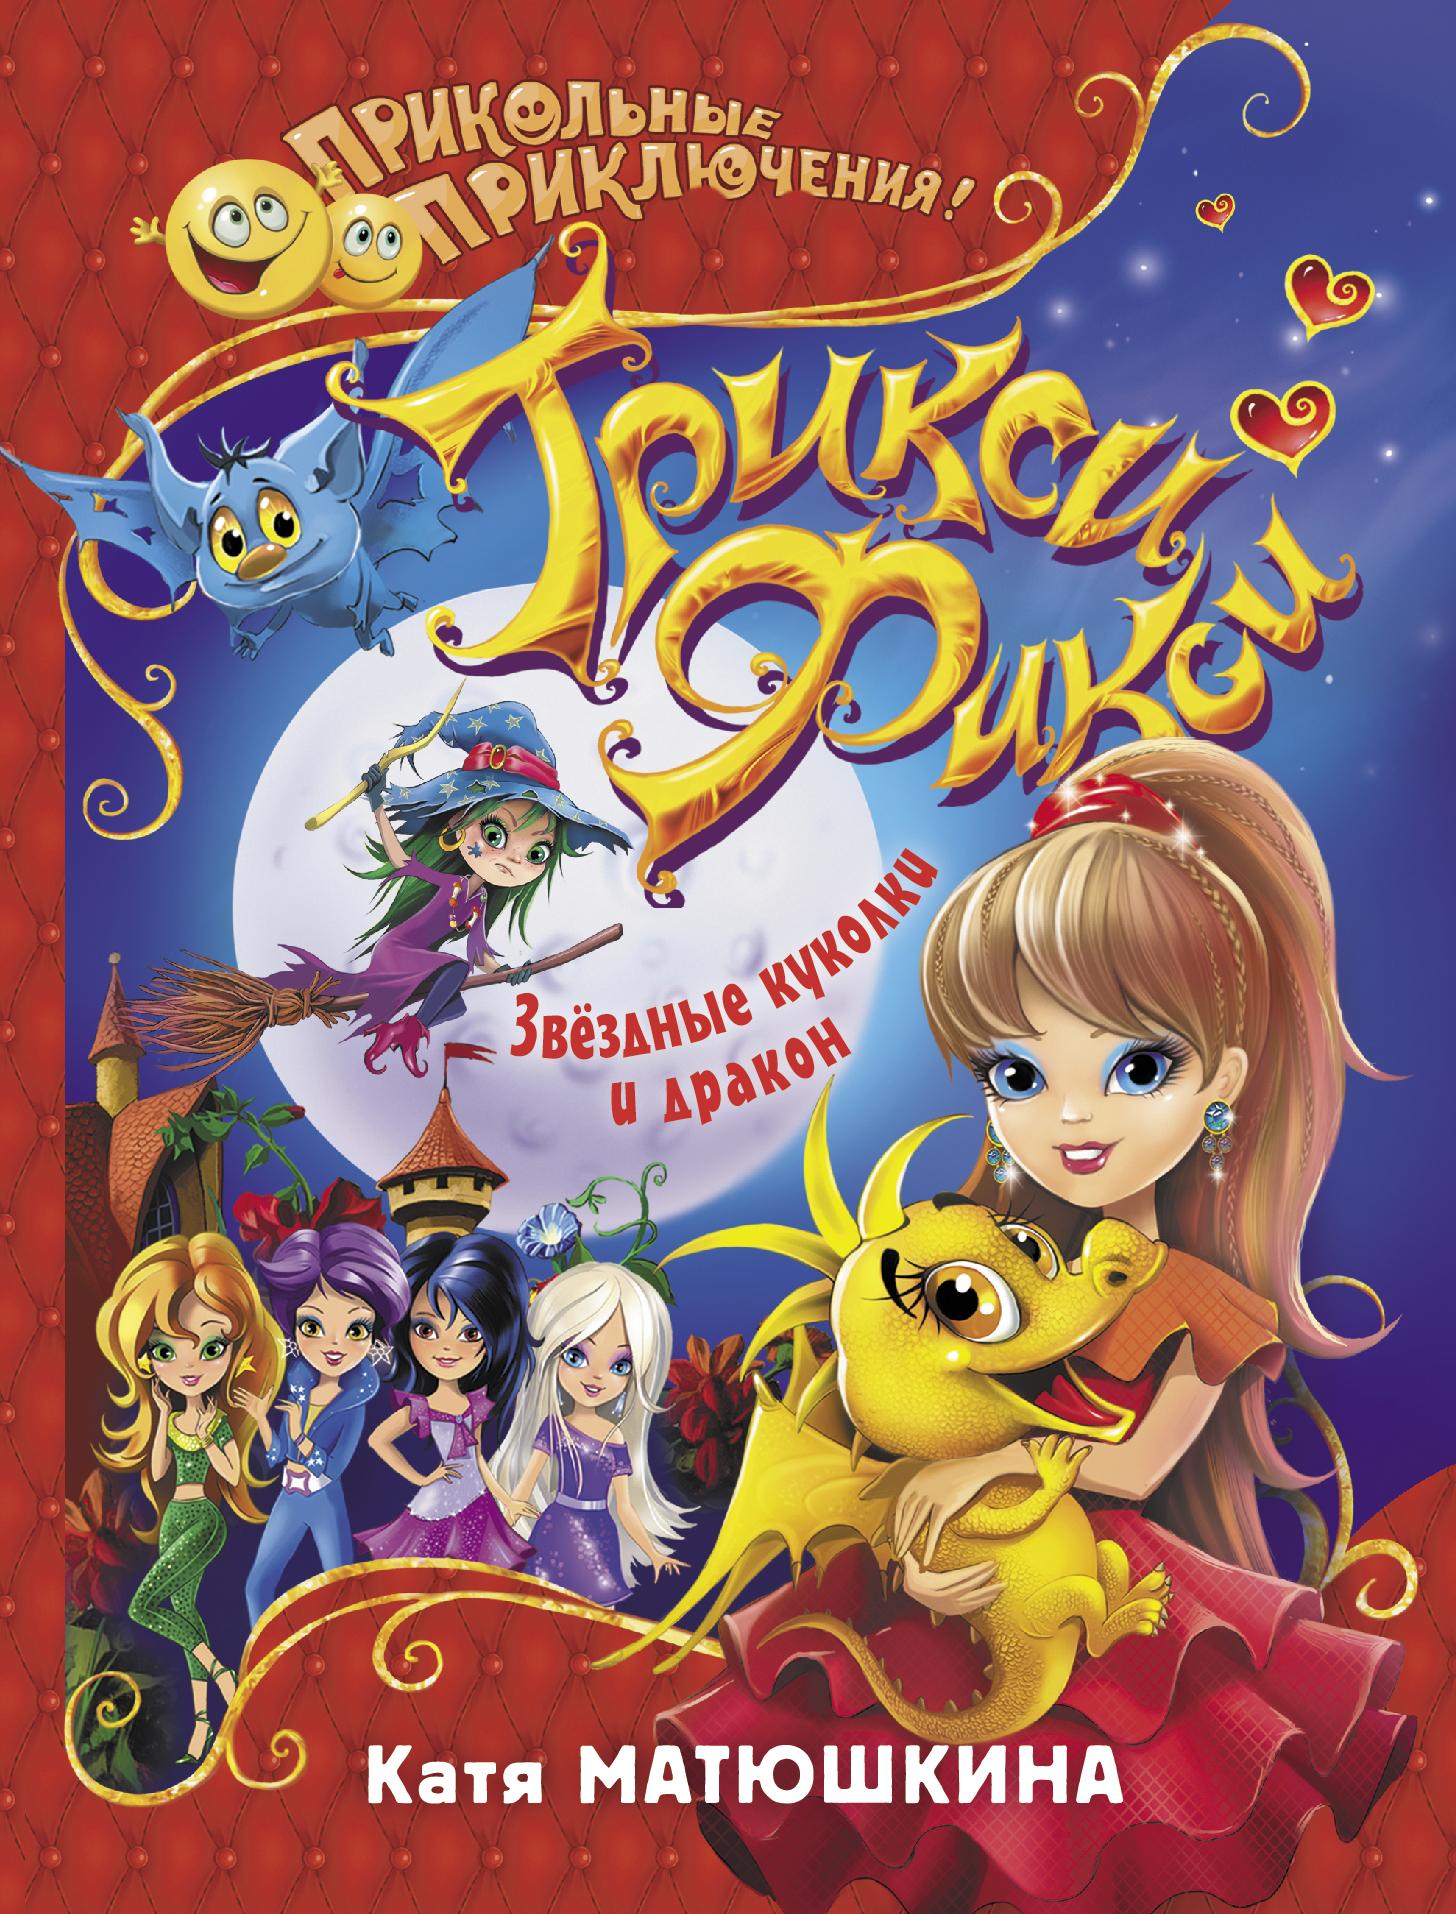 Катя Матюшкина Трикси-Фикси. Звёздные куколки и дракон матюшкина к трикси фикси звездные куколки и дракон